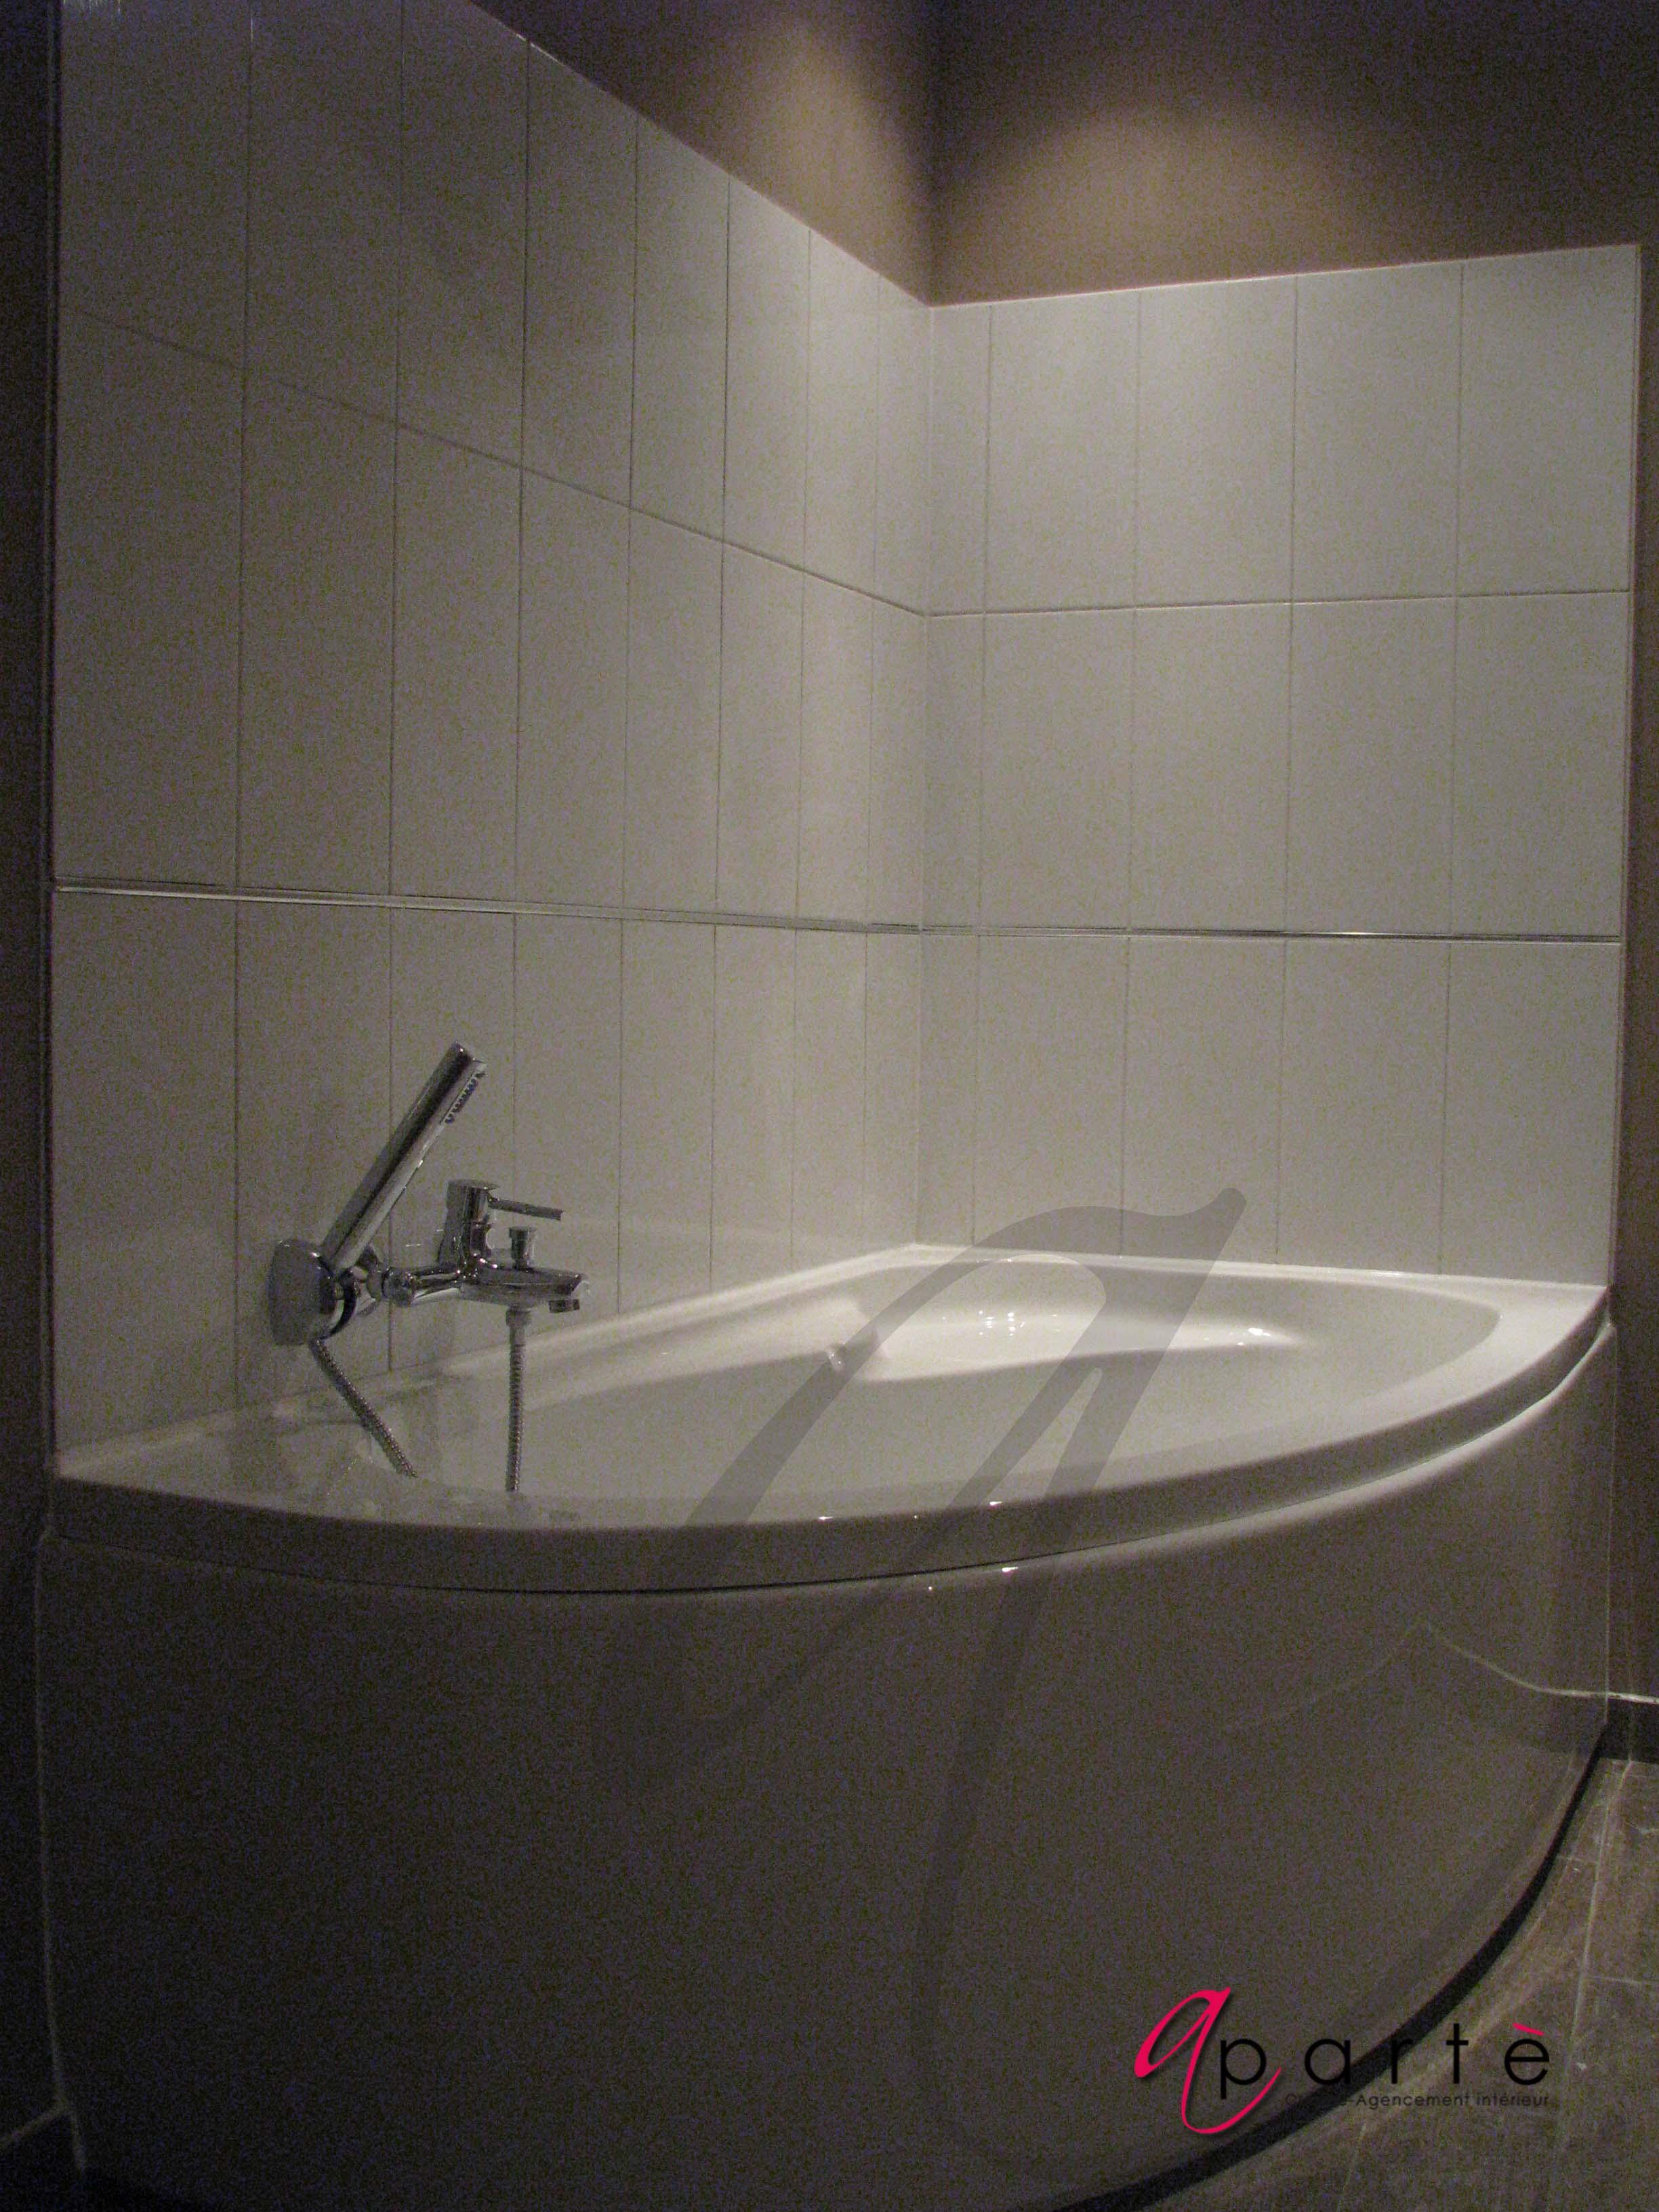 salle de bain atypique couleur caf apart le blog. Black Bedroom Furniture Sets. Home Design Ideas